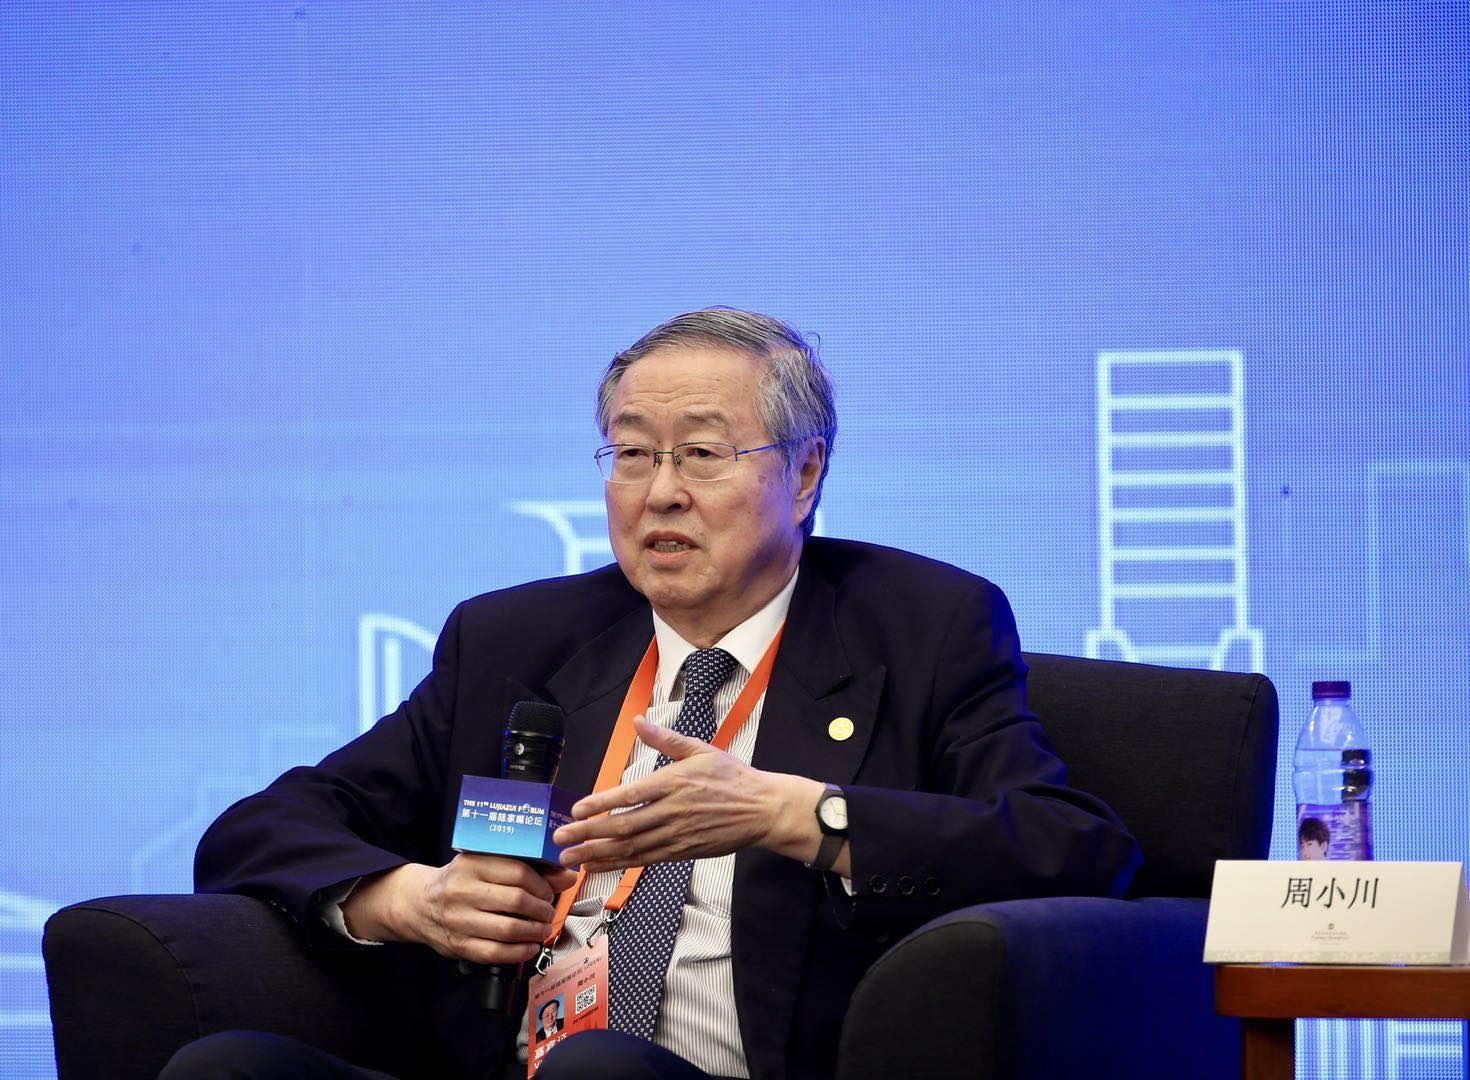 周小川:中国金融需要巨大的转变和改革 应强调股权市场的重要性